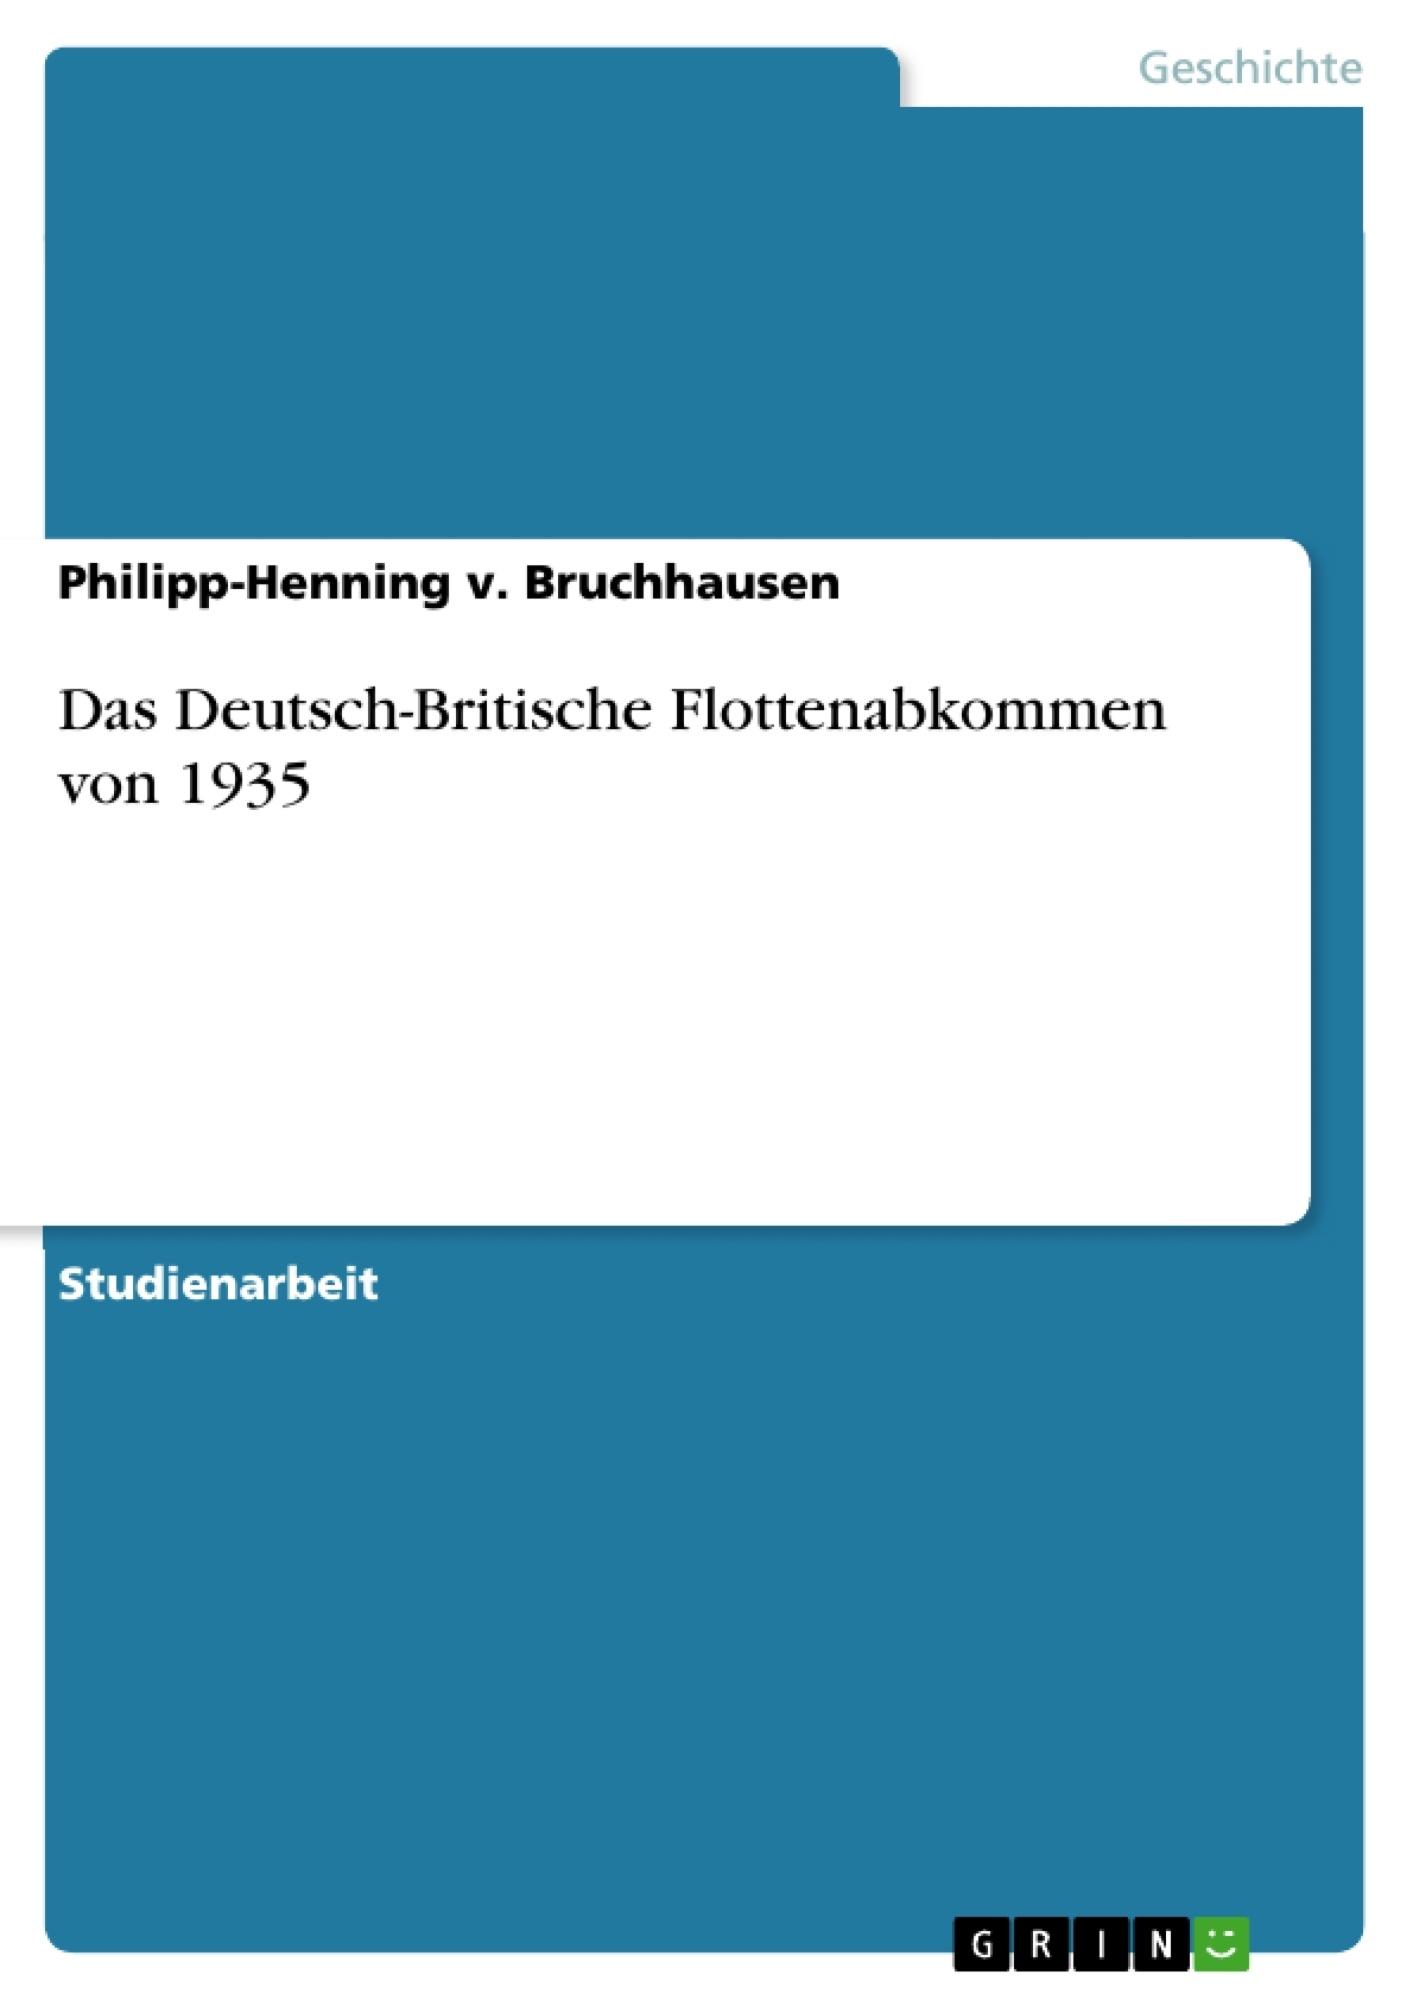 Titel: Das Deutsch-Britische Flottenabkommen von 1935